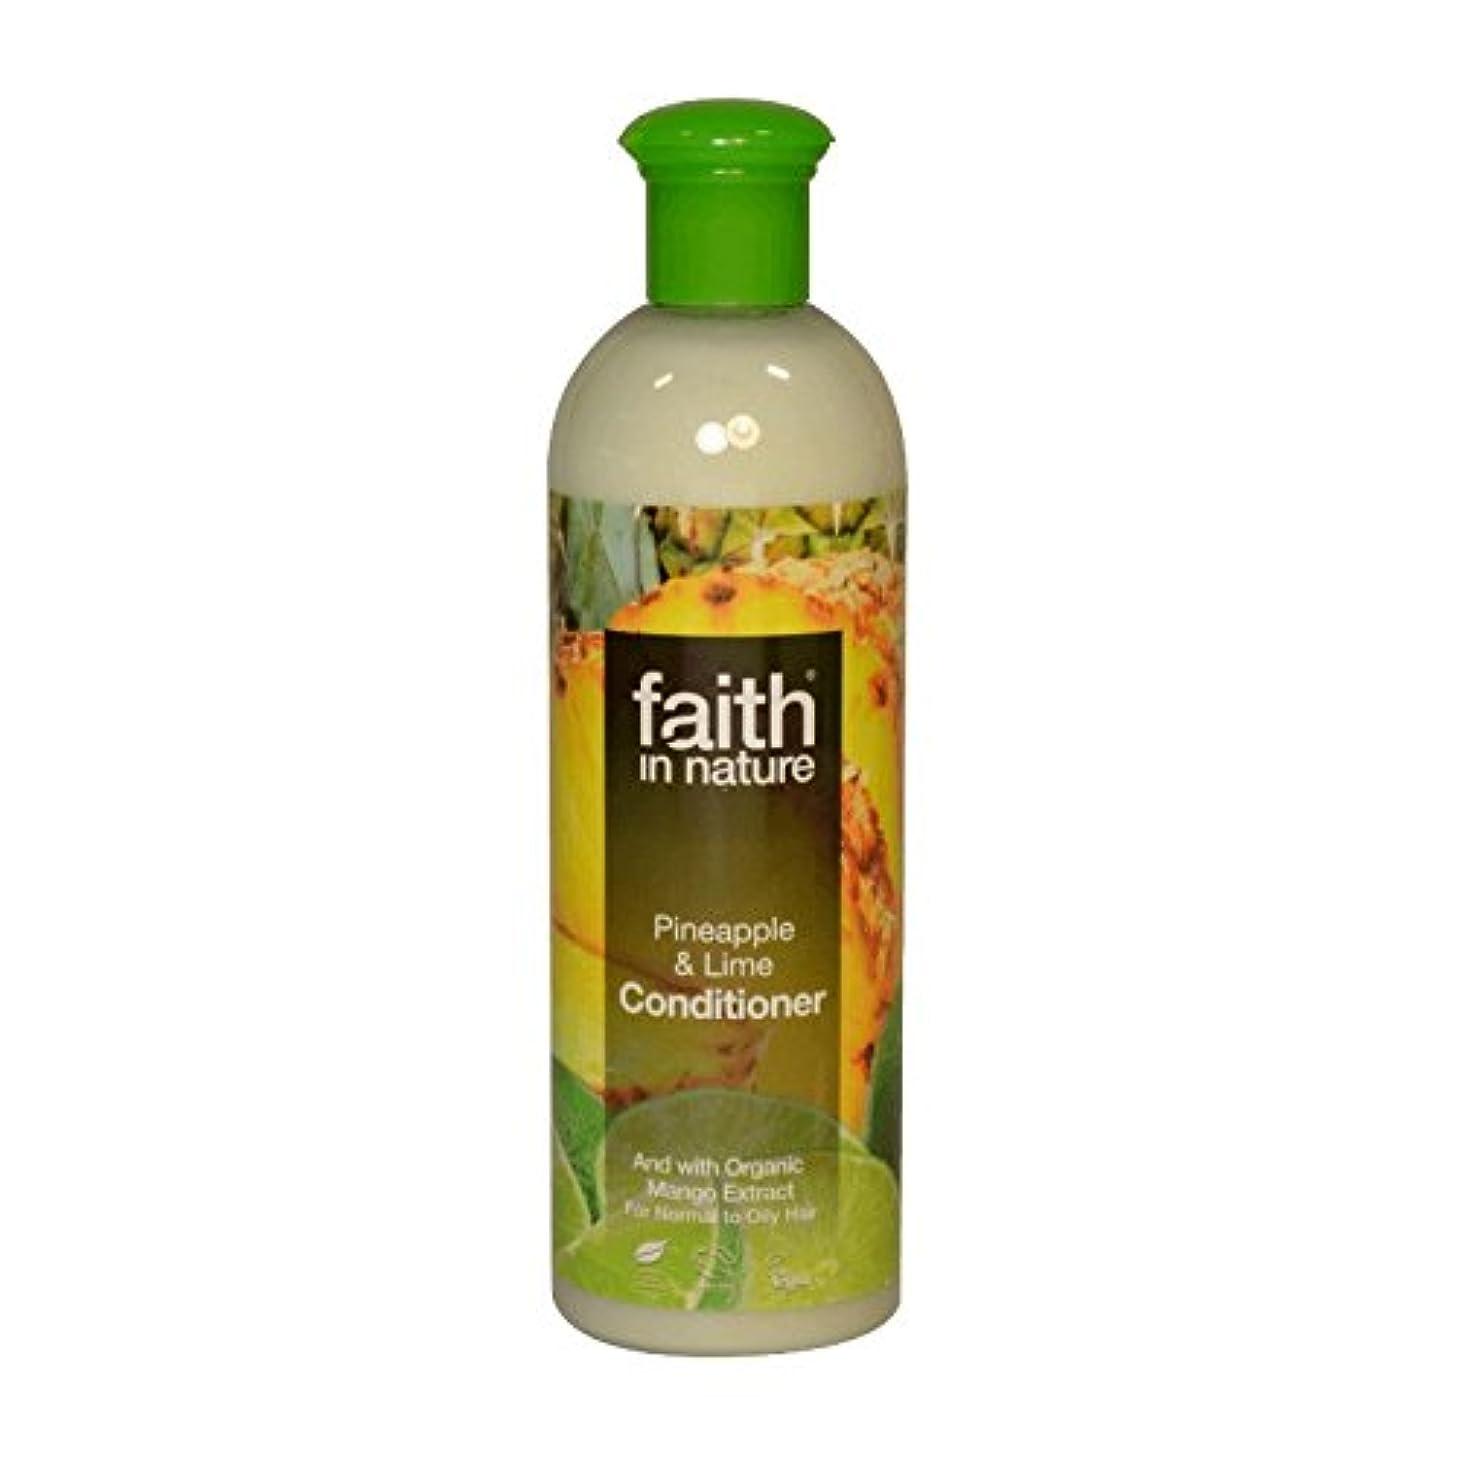 パーツに慣れ約束するFaith in Nature Pineapple & Lime Conditioner 400ml (Pack of 6) - 自然パイナップル&ライムコンディショナー400ミリリットルの信仰 (x6) [並行輸入品]